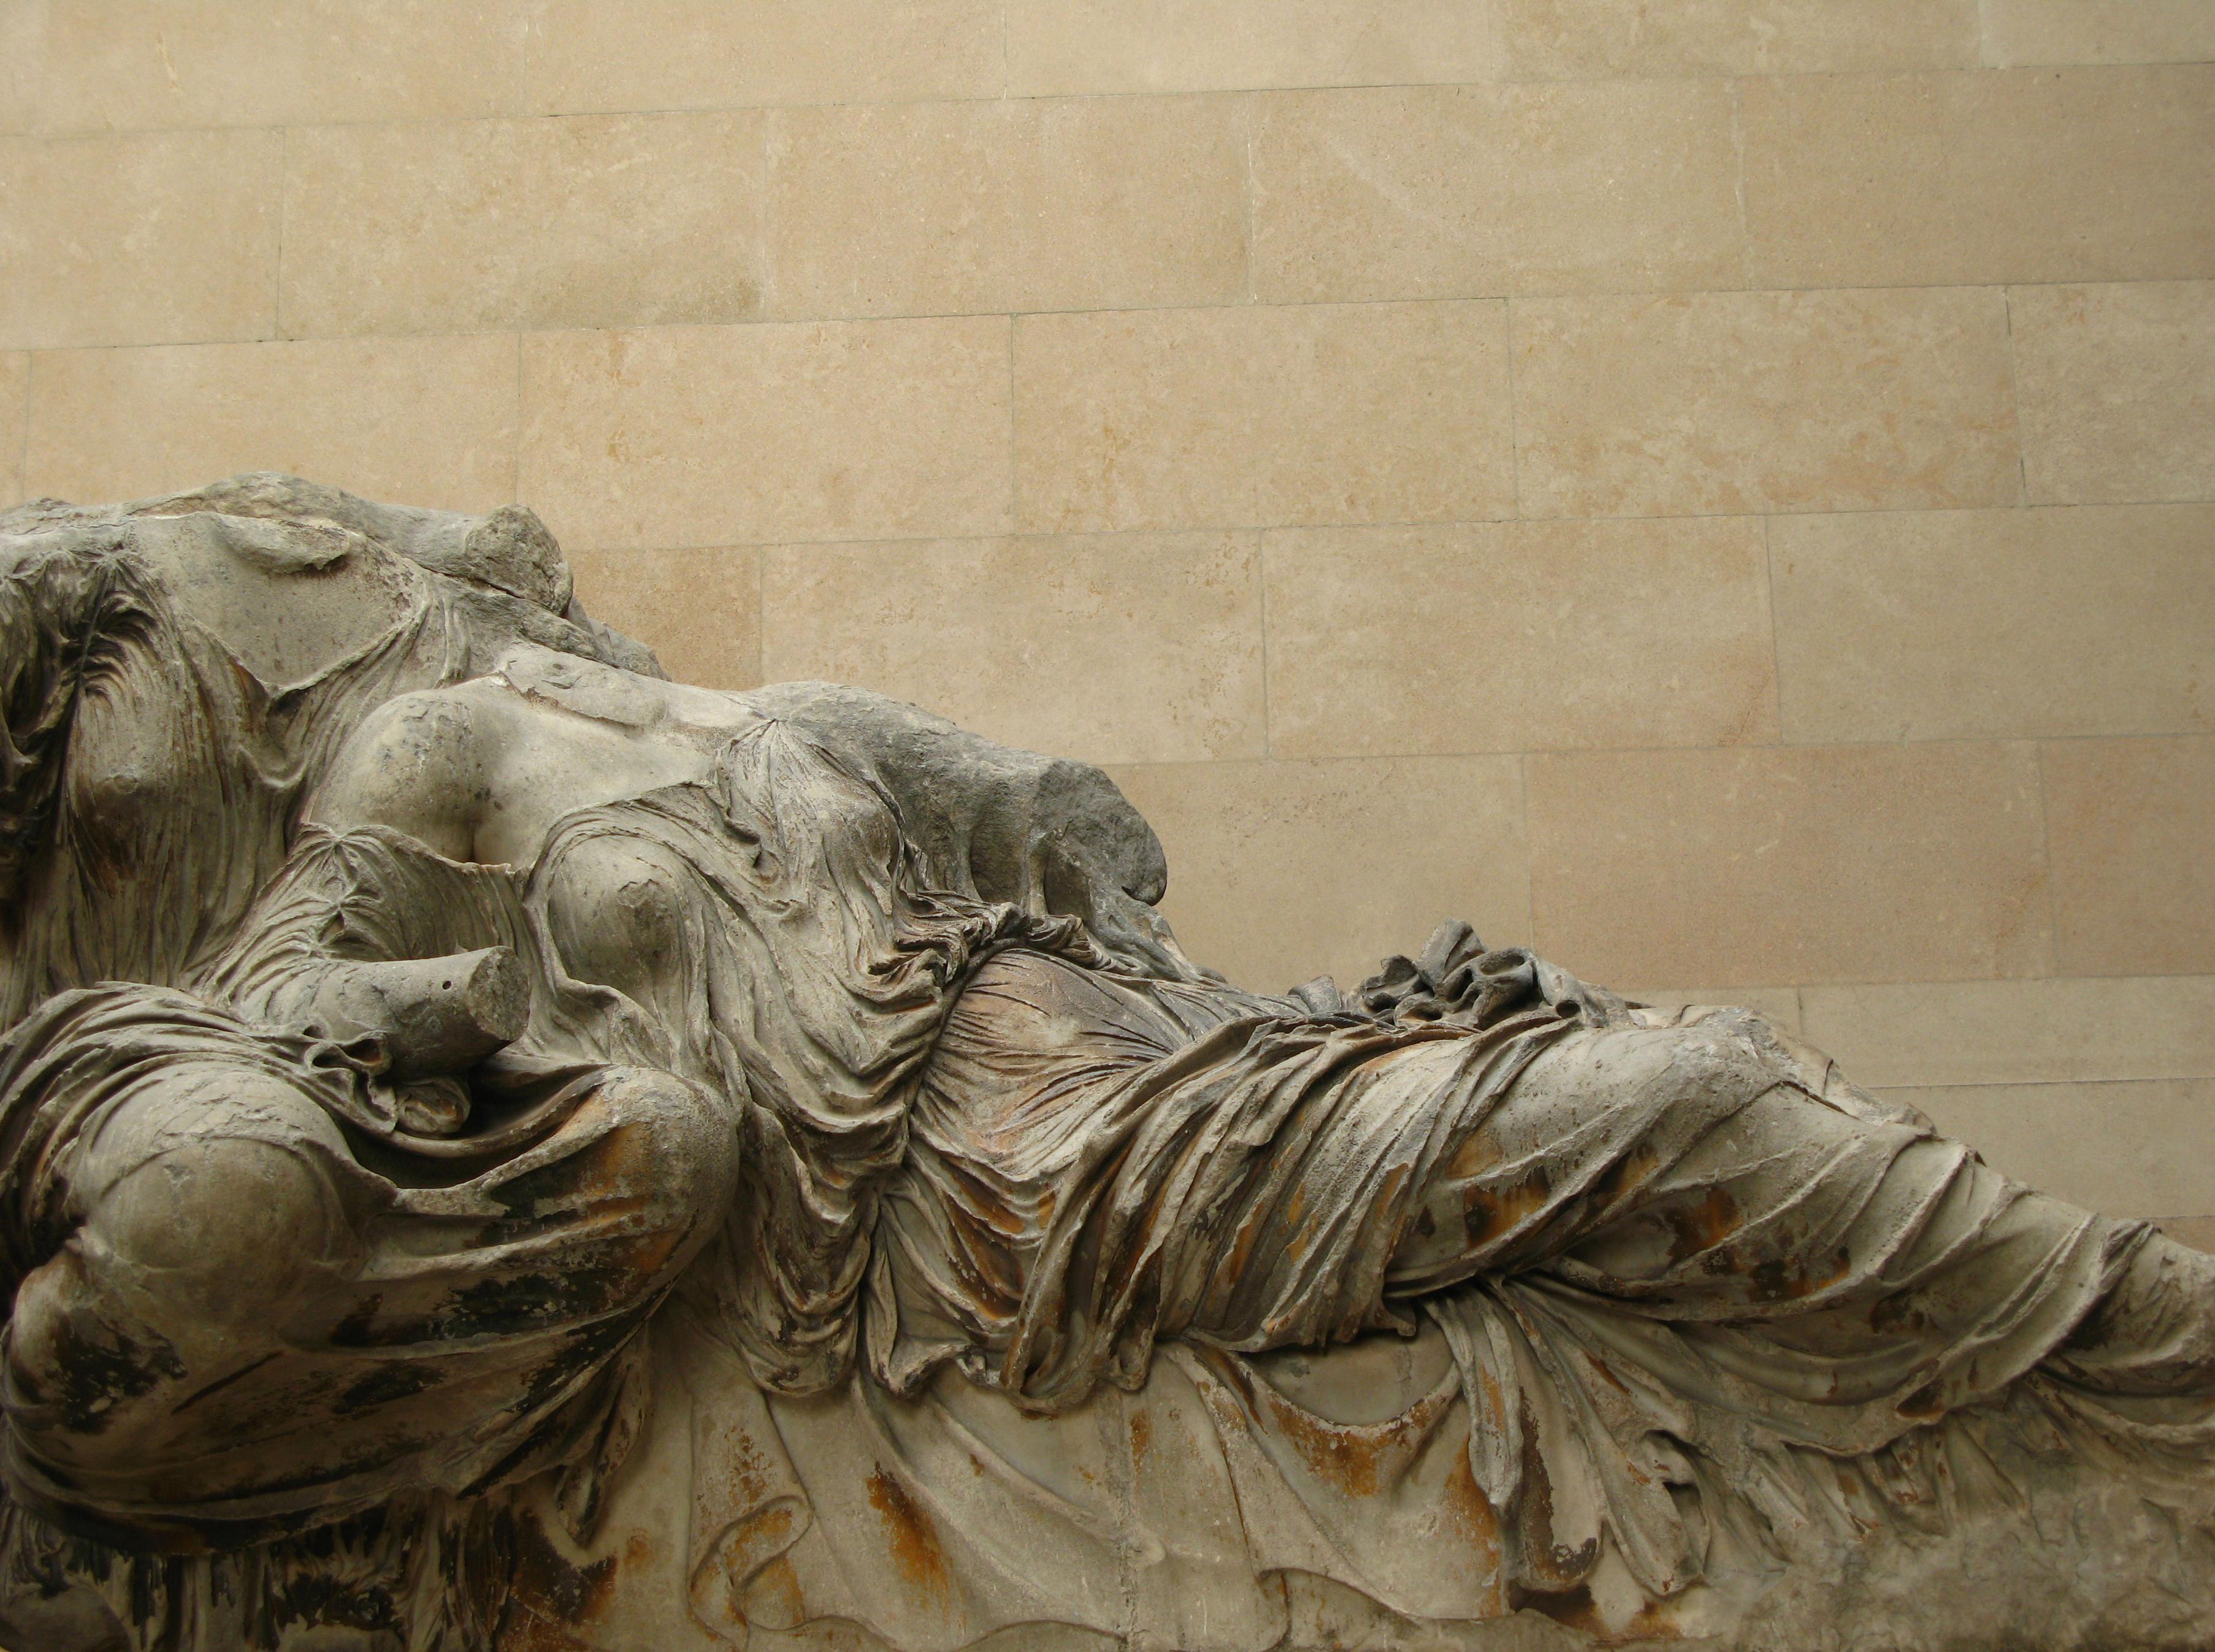 5º. A deusa Ártemis e a deusa Afrodita, quem observa a imersão nas ondas dos oceanos do carro da deusa Sémele.